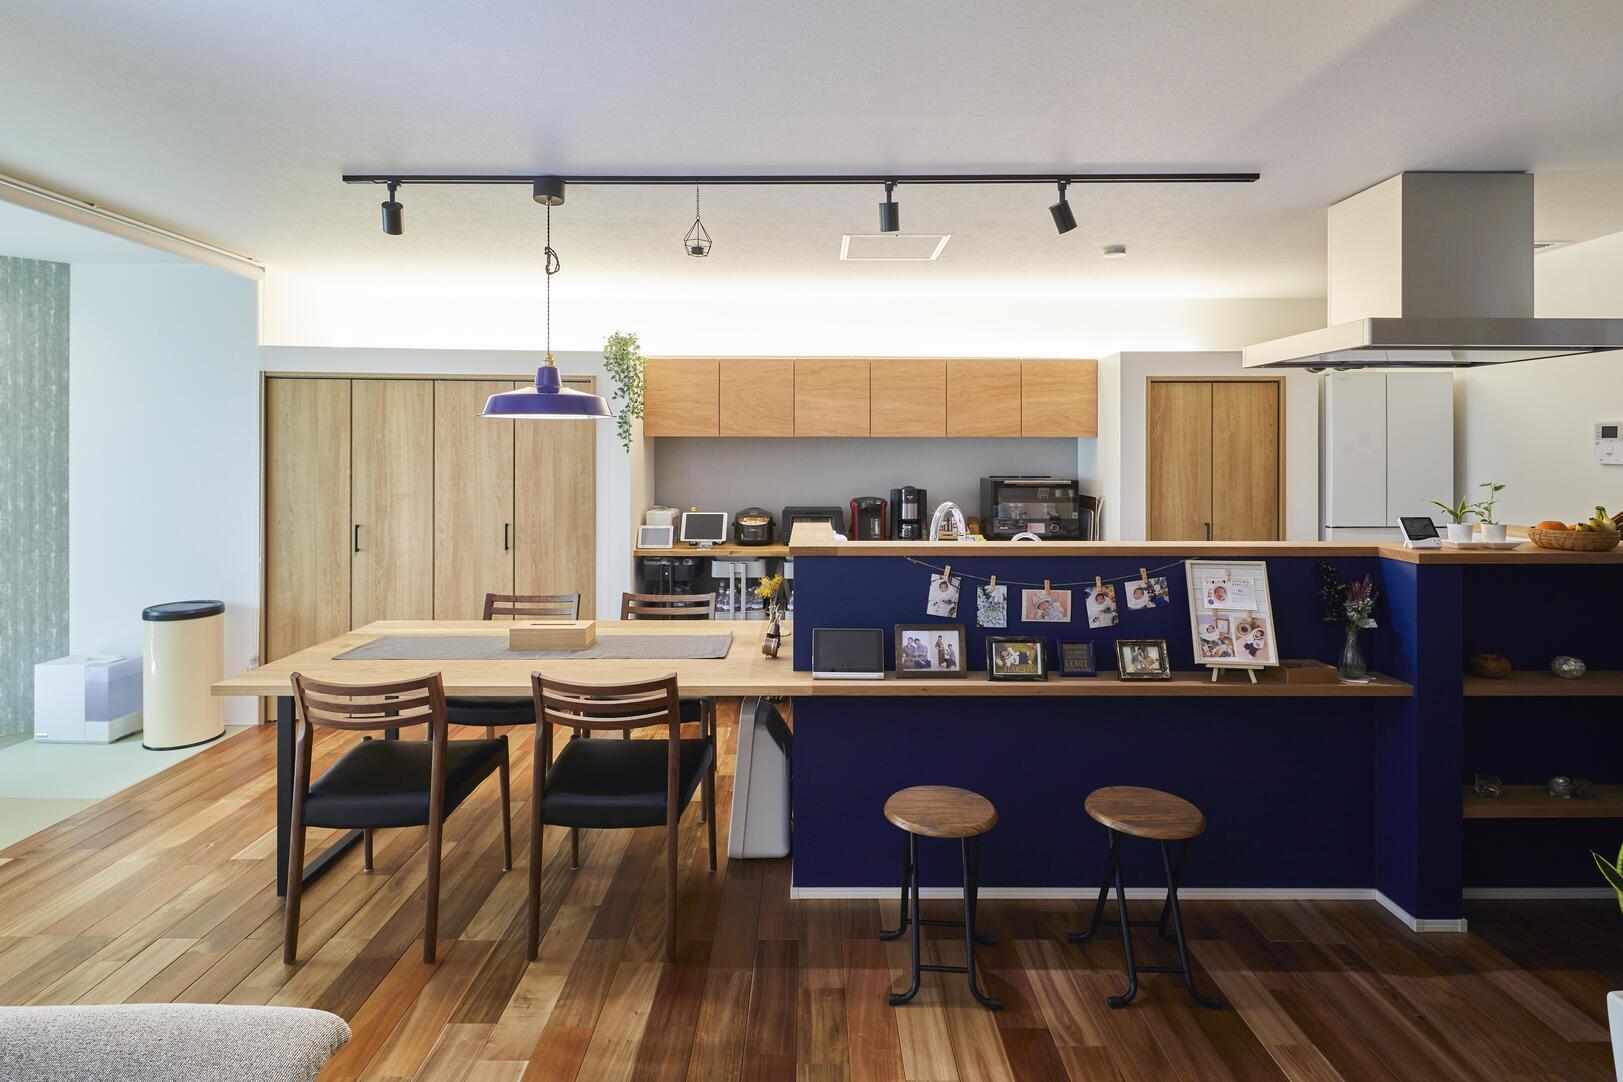 美しい質感の床材と清潔感のある壁紙を採用したLDK。キッチンの腰壁のネイビーで空間がより爽やかに